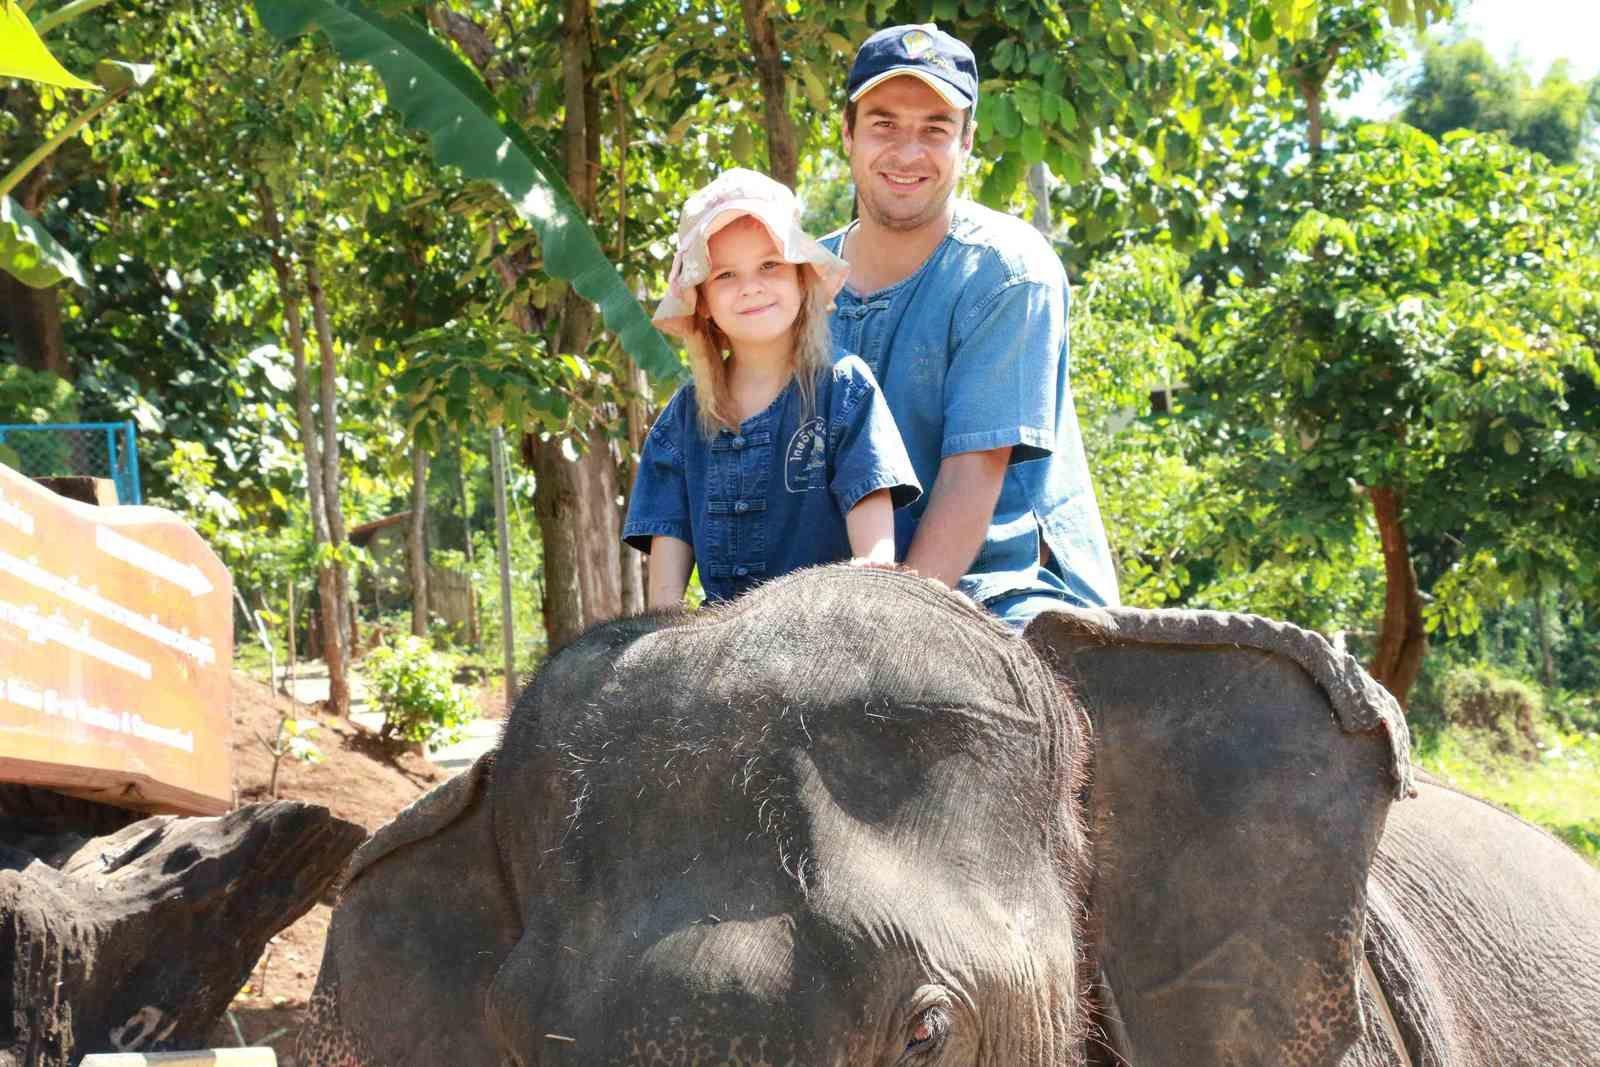 Et soudain Martin se retrouve sur la tête de l'éléphant...